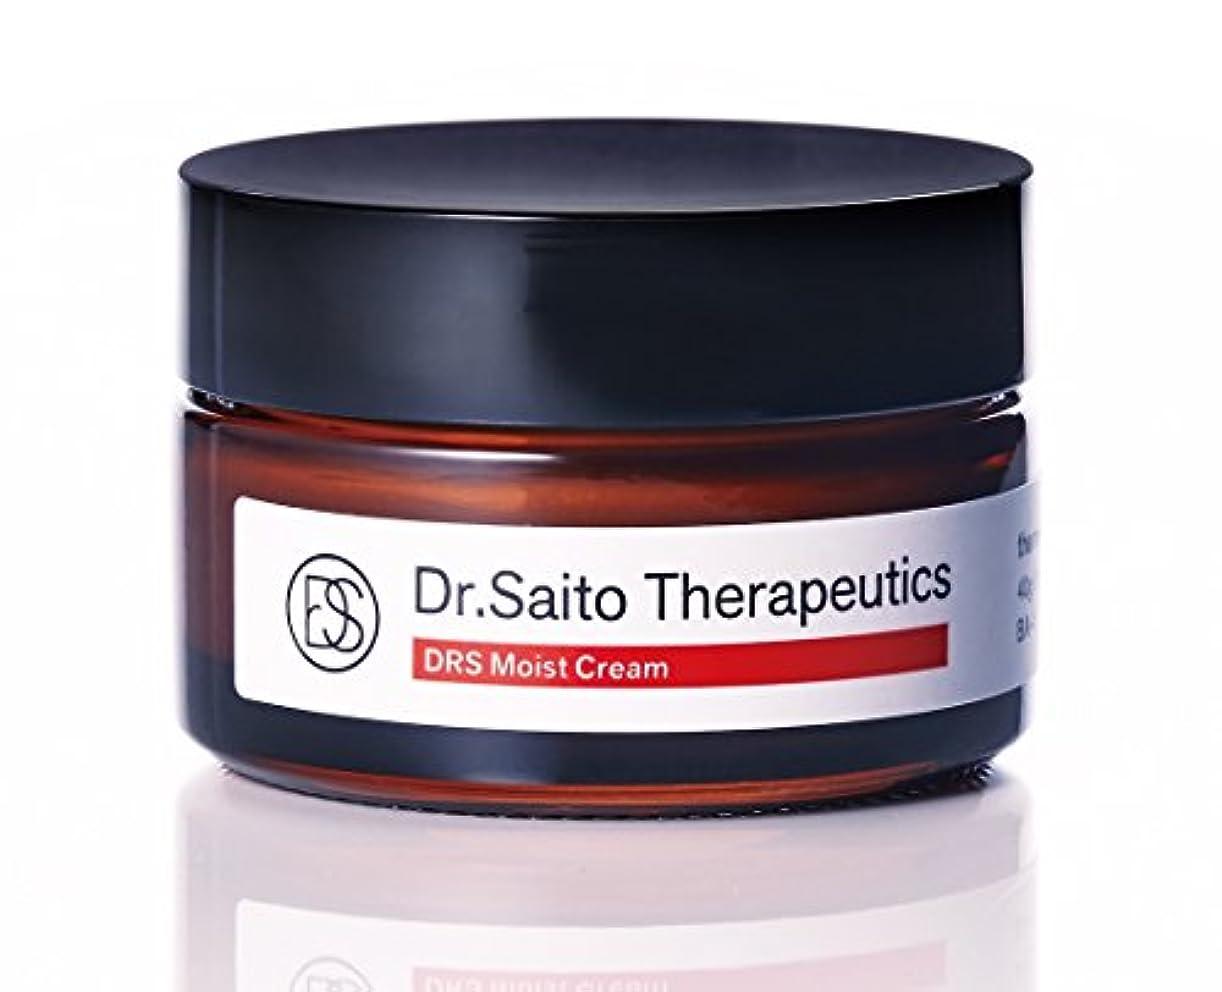 汚染されたクライストチャーチ役職日本機能性医学研究所 Dr.Saito Therapeutics「DRS保湿クリーム」40g